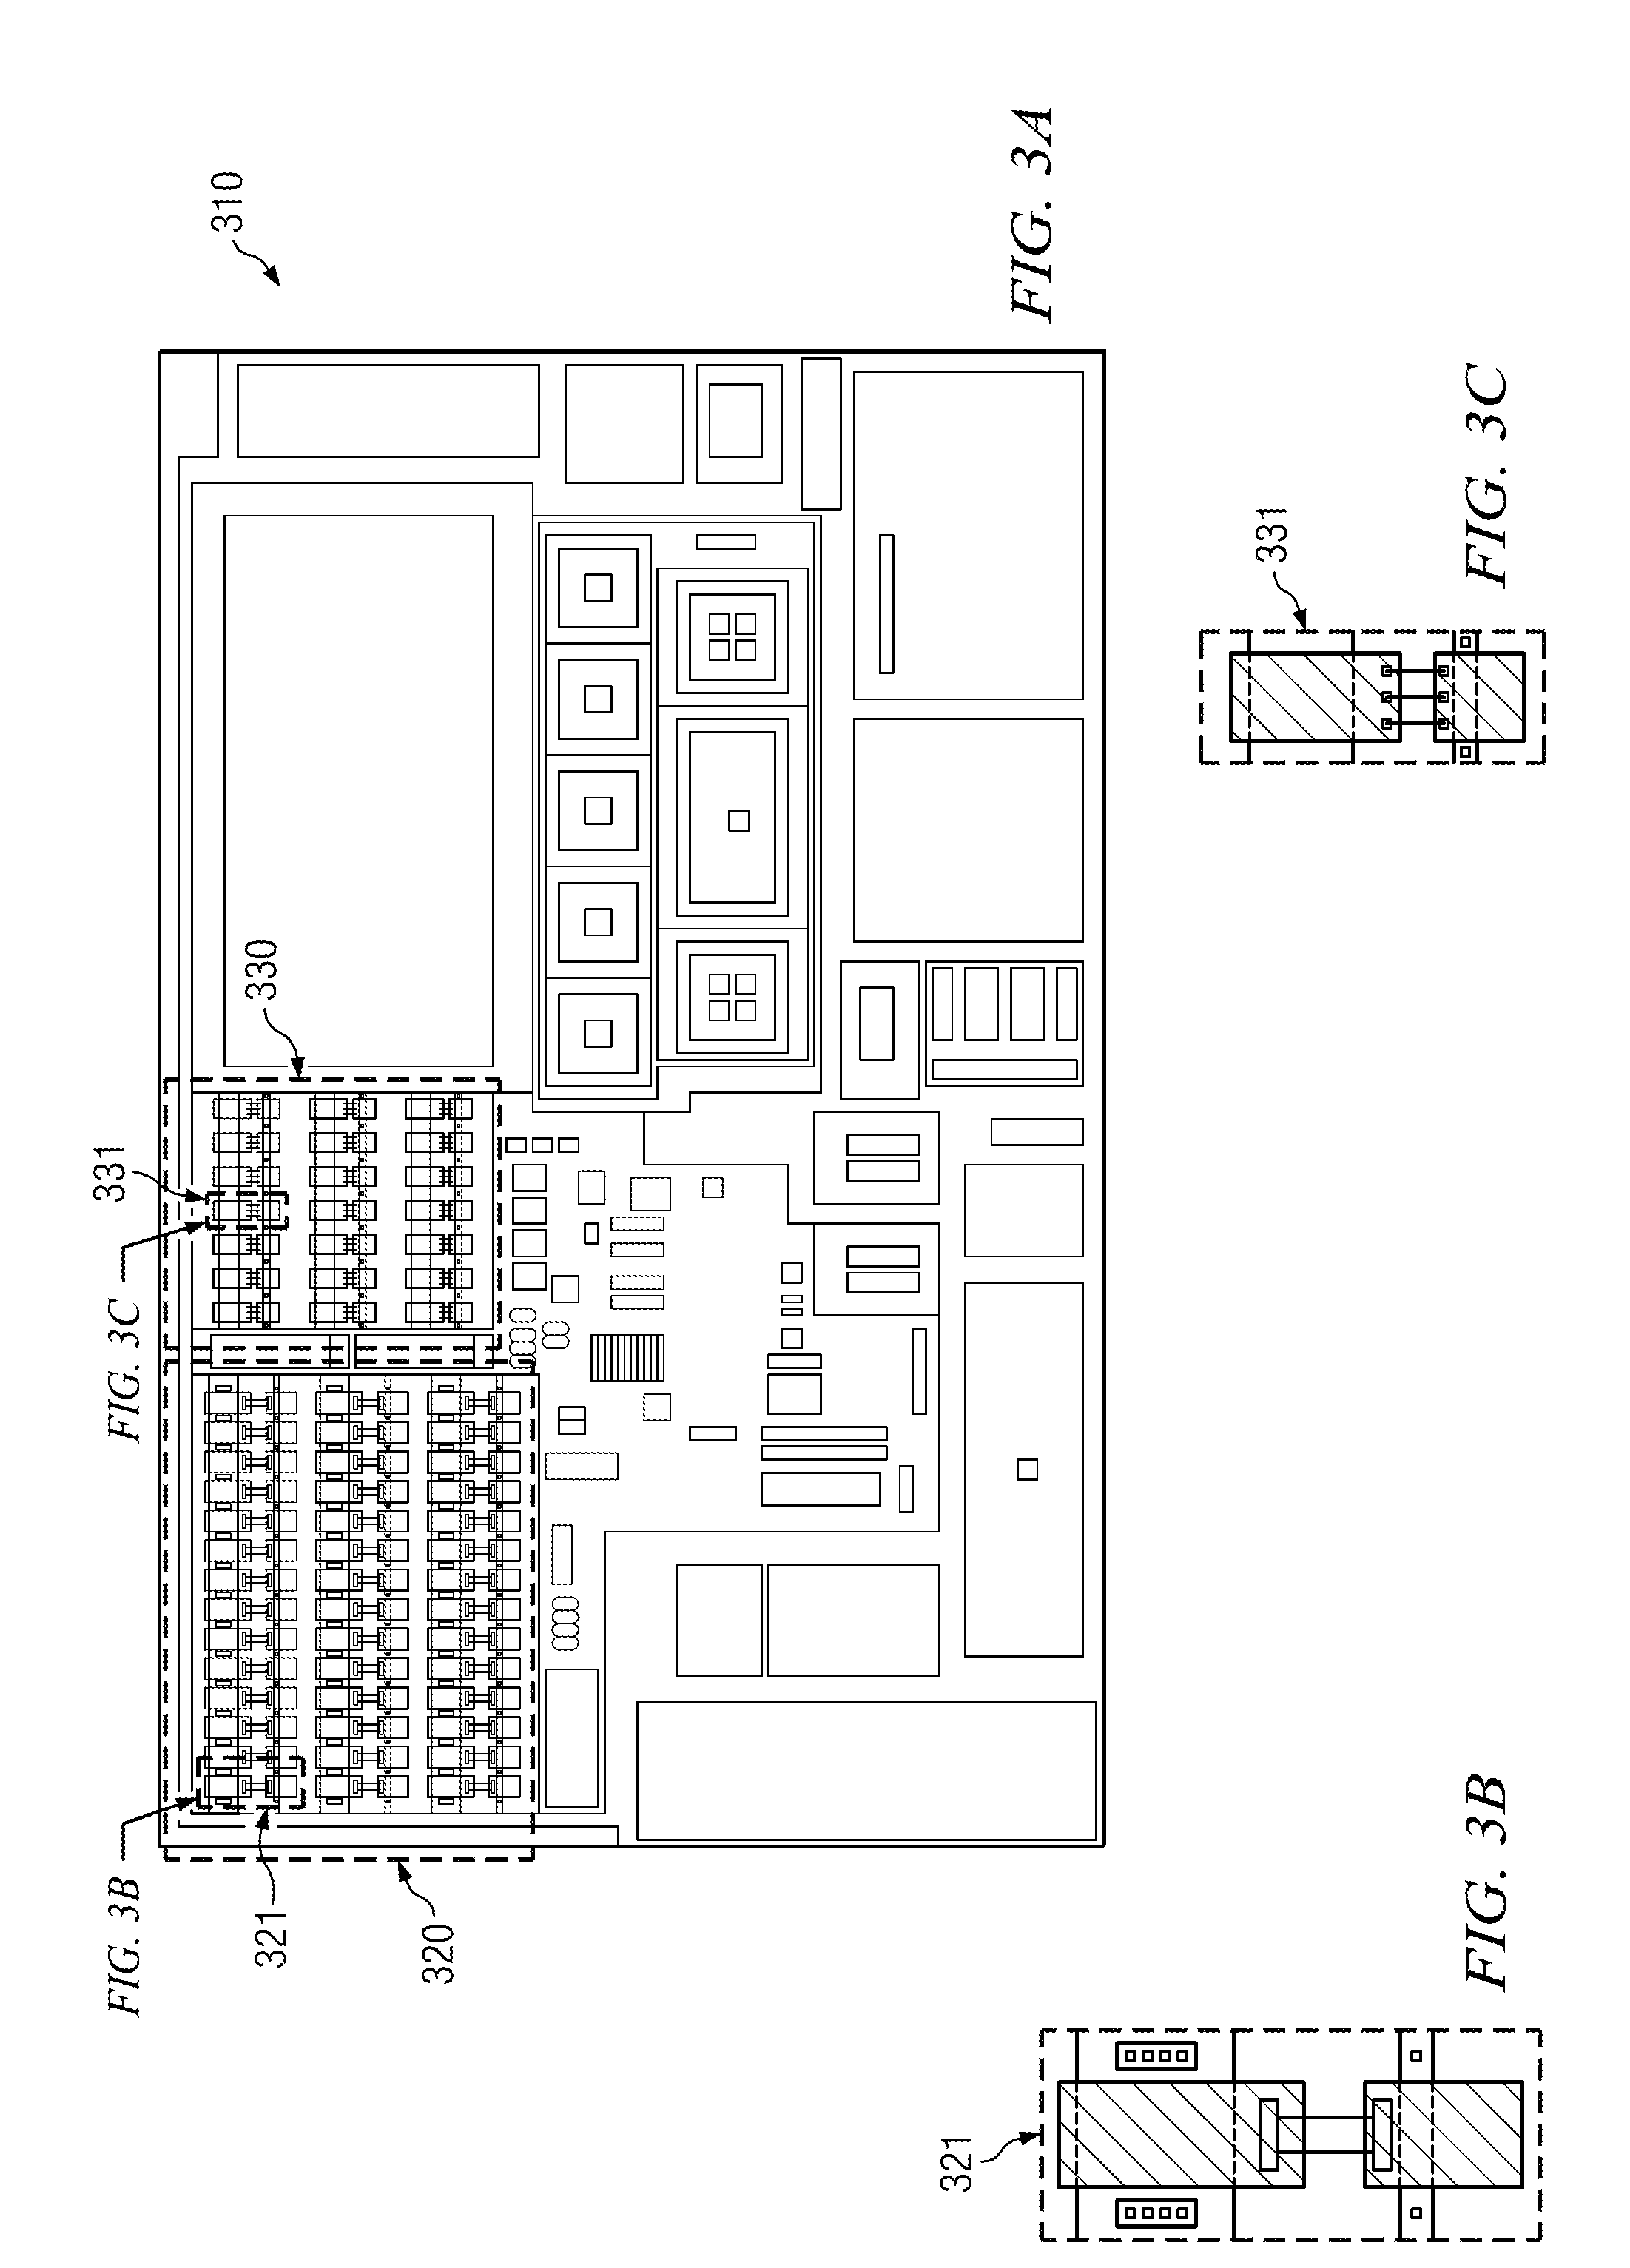 patent us20110253999